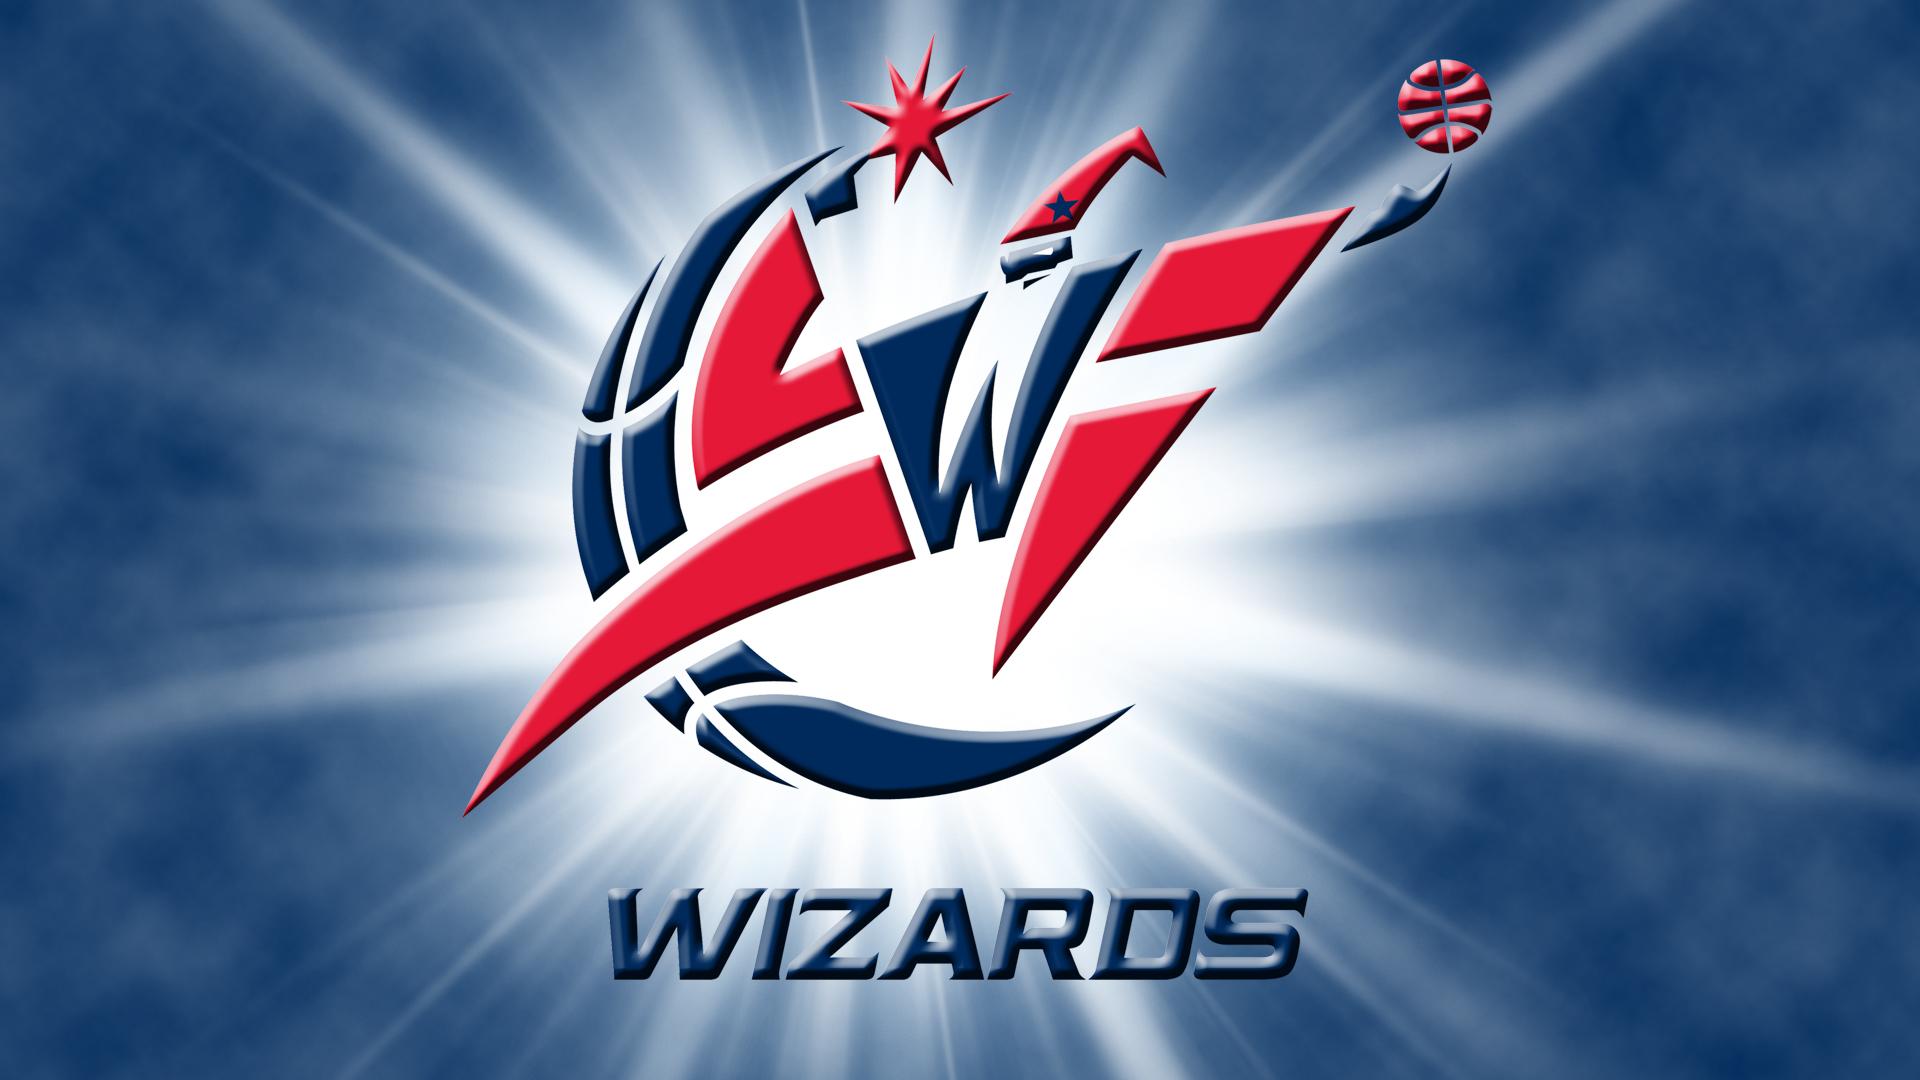 Wizards Wallpaper